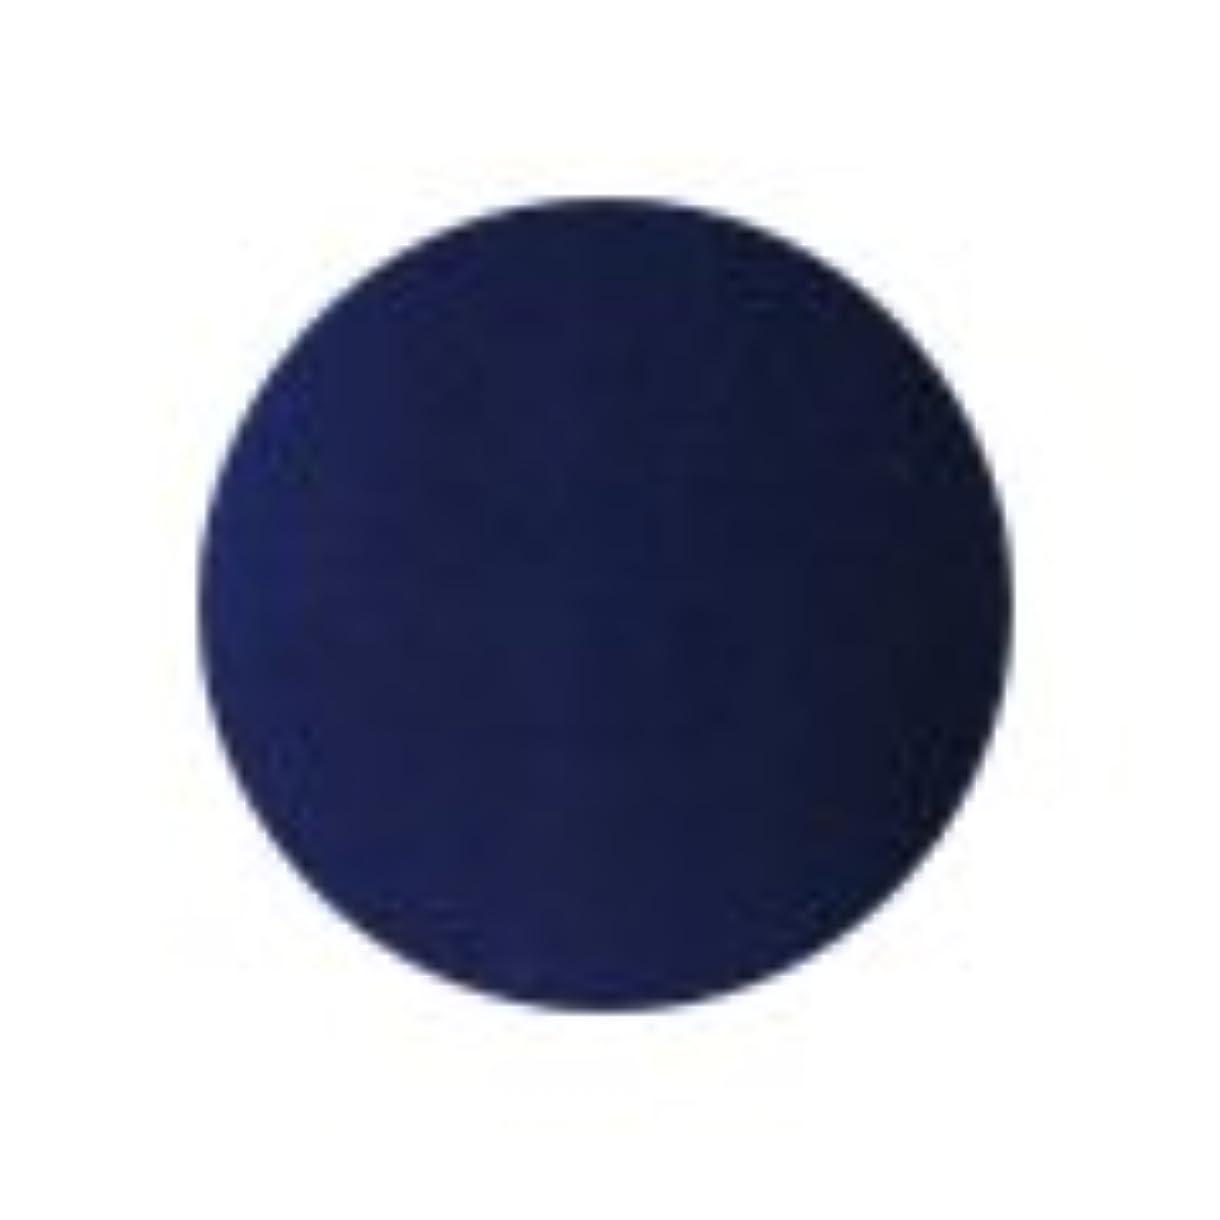 唇放散する依存する★PREGEL(プリジェル) スーパーカラーEX 4g<BR>PG-SE259 ネイビー